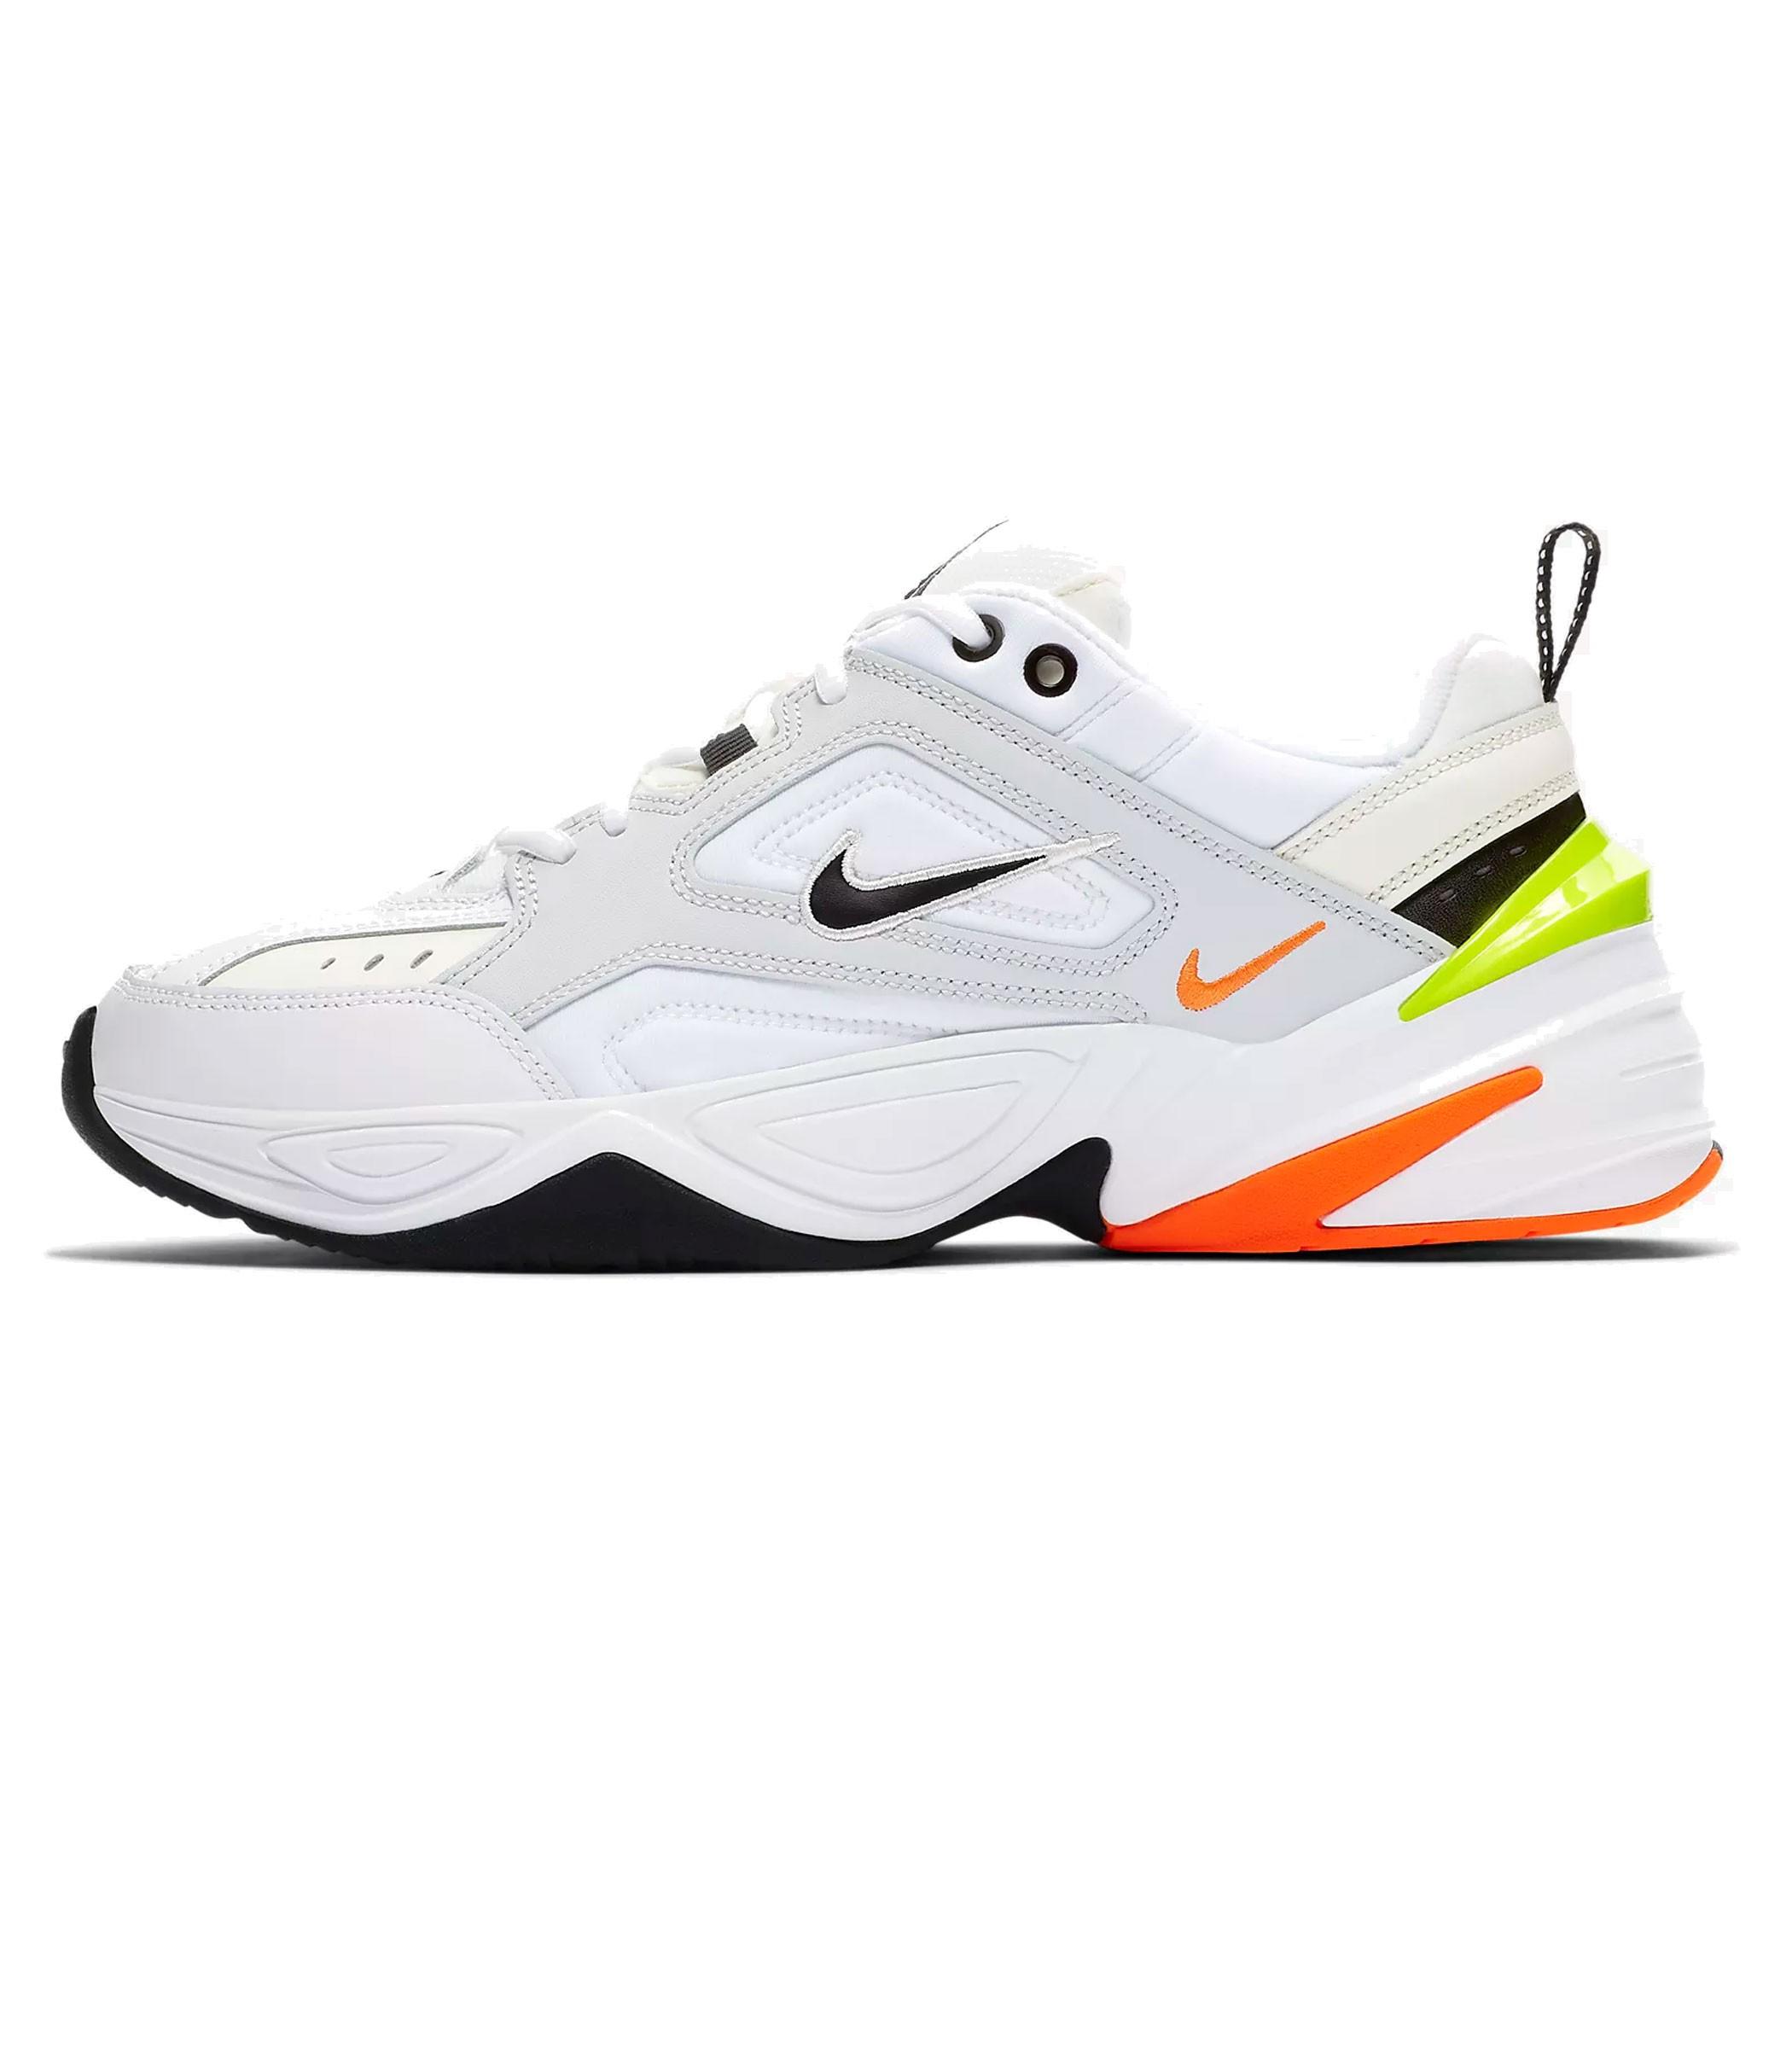 M2k Uomo Sneakers 2ywdh9ie Da Tekno Nike Scarpe Rifav4789 004 rdxoCBWe